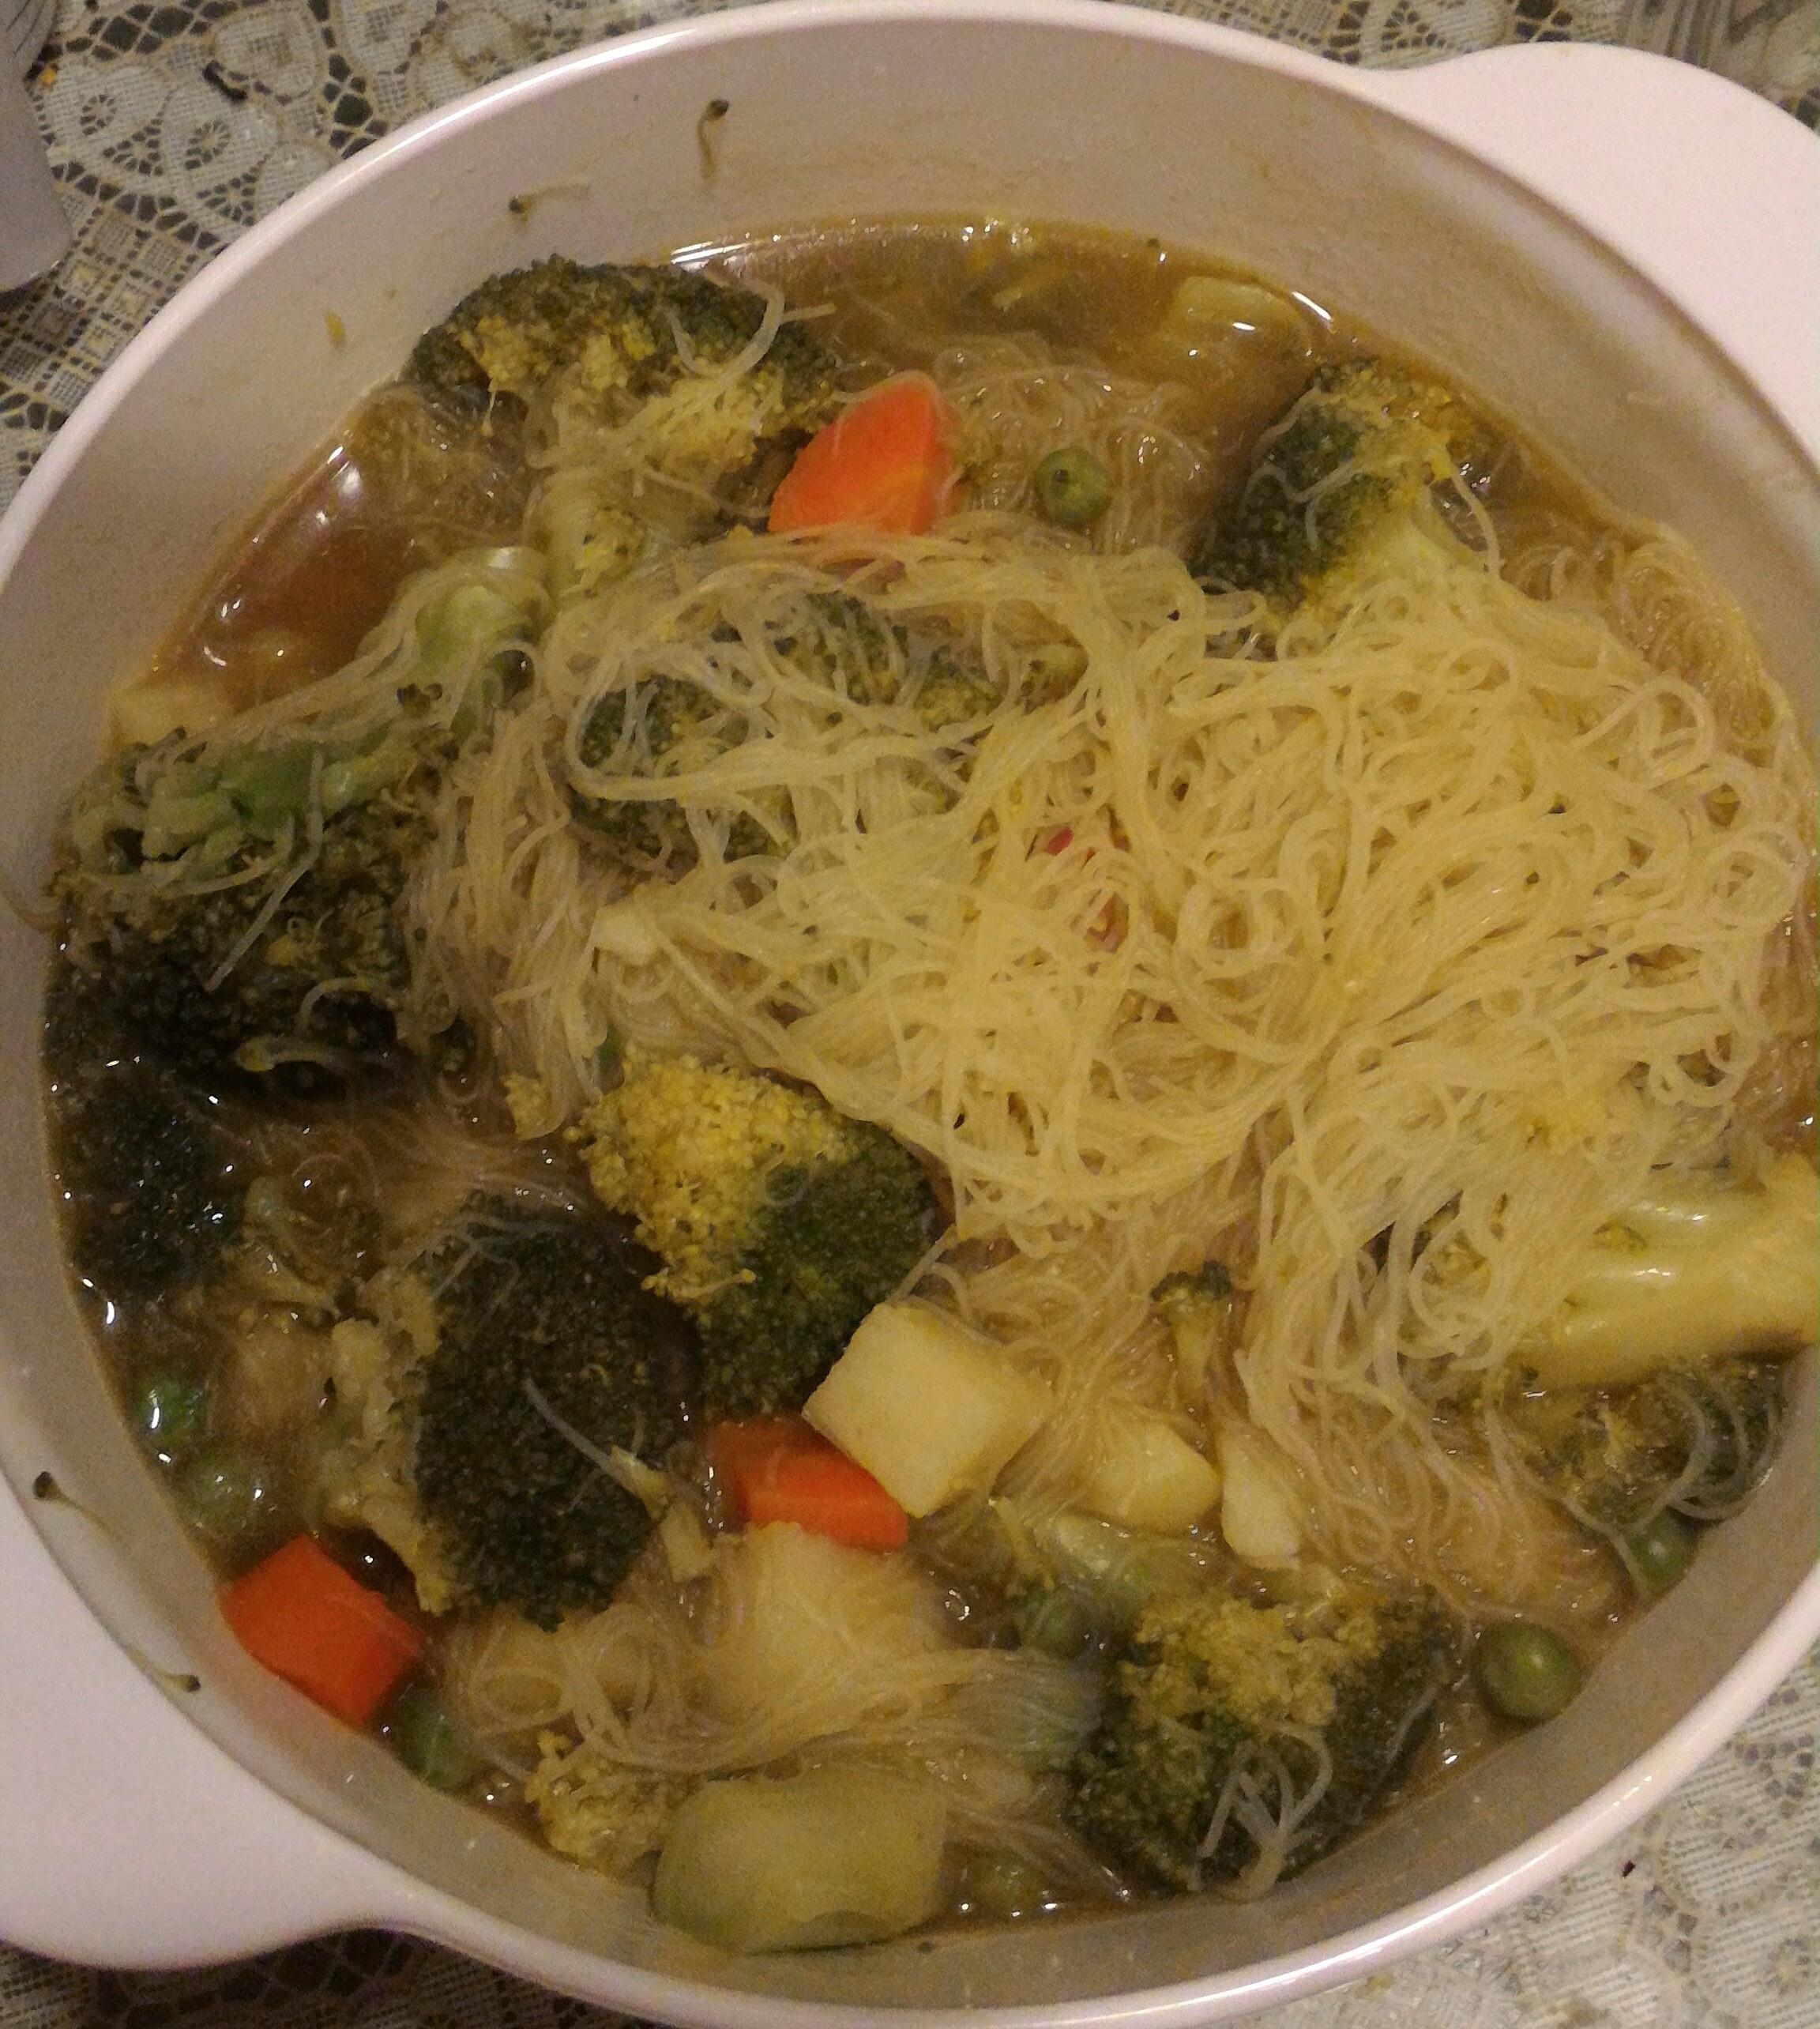 微波爐版蔬菜咖哩米粉